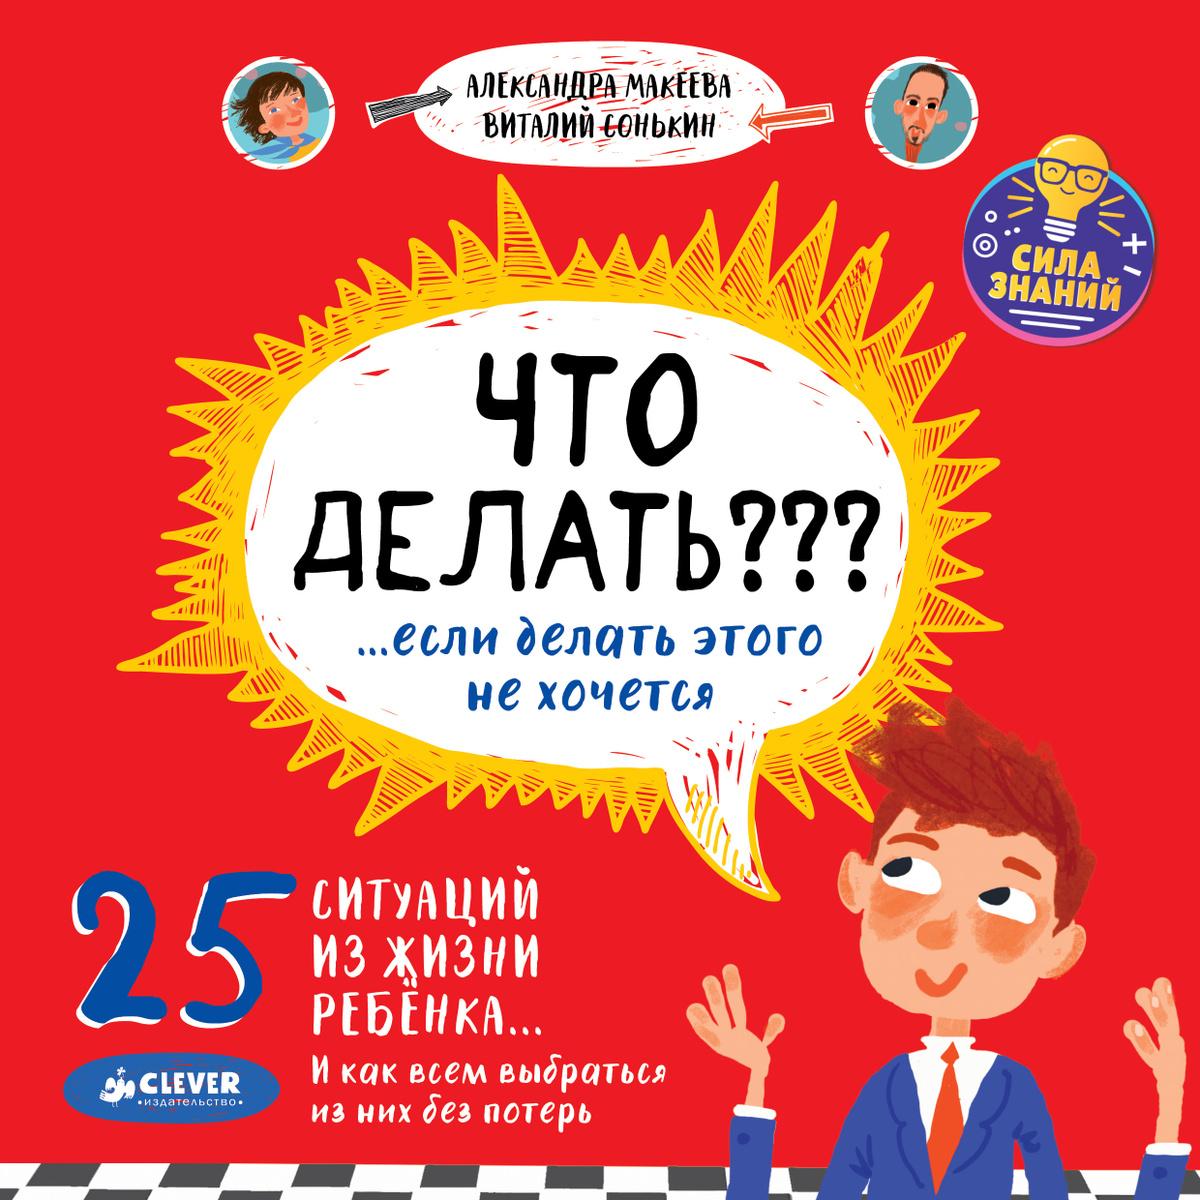 Что делать??? ...если делать этого не хочется? | Макеева Александра Германовна, Сонькин Виталий  #1